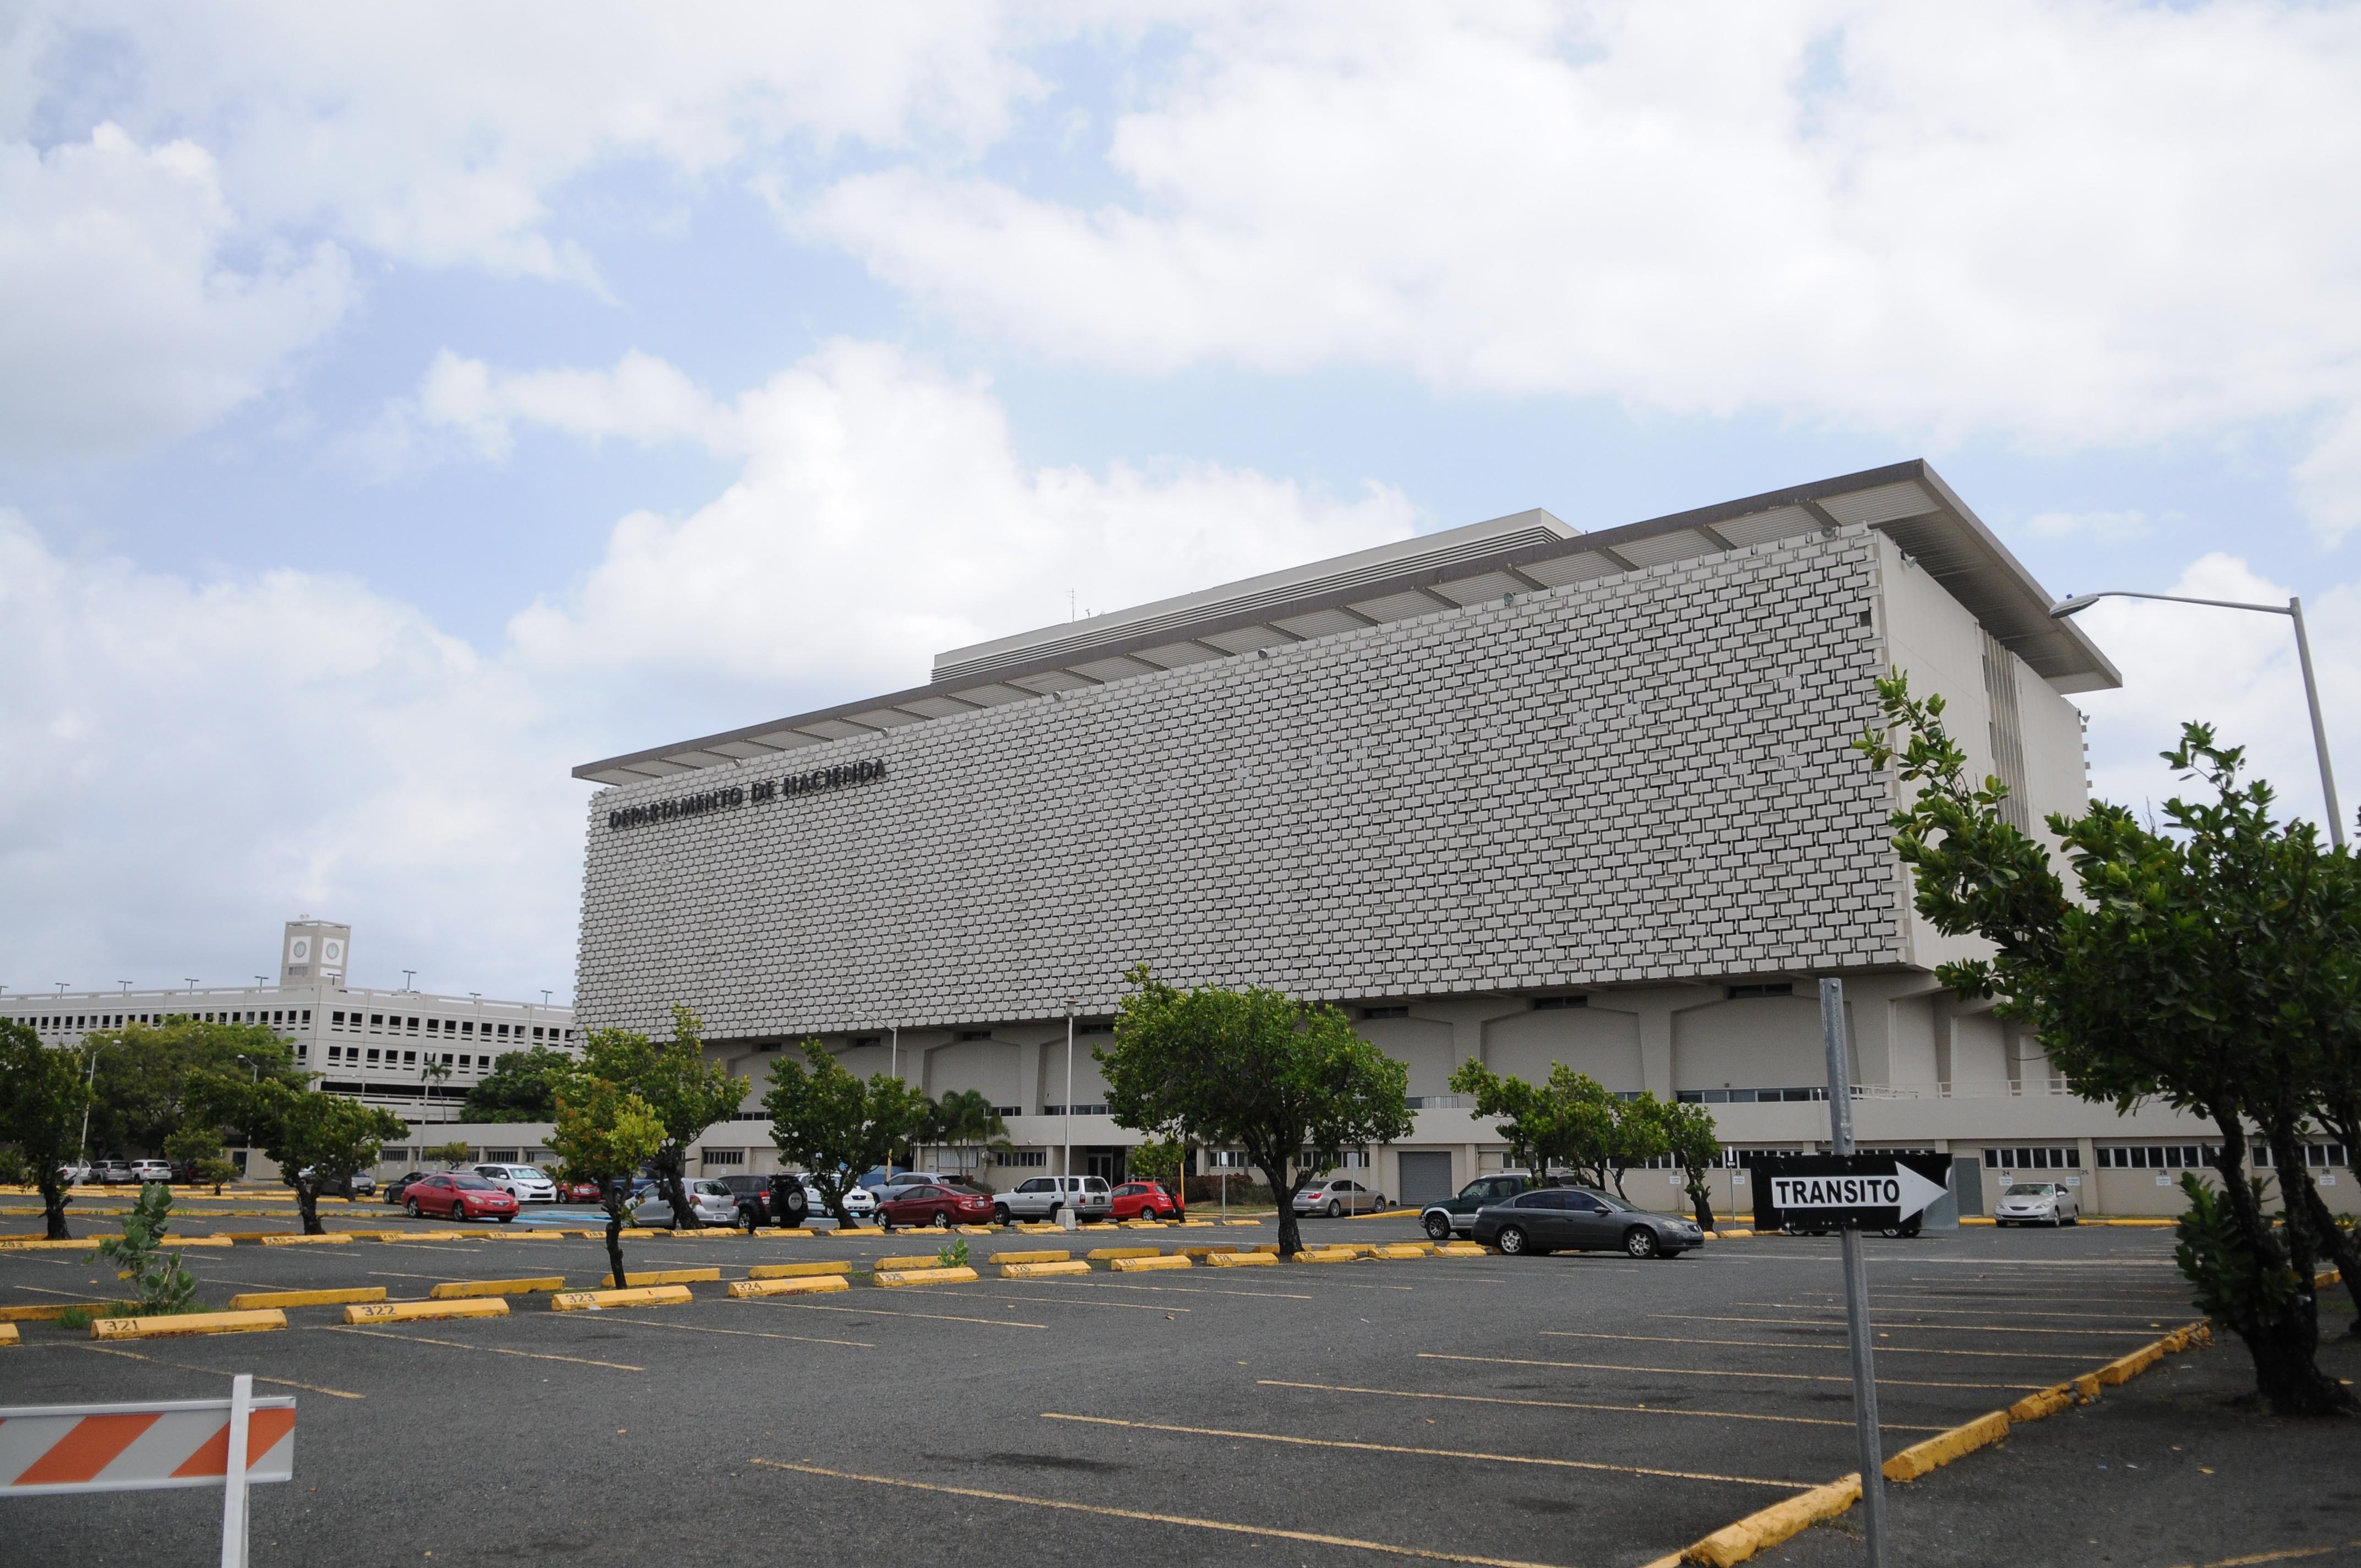 Hacienda env a 10 millones m s en reintegros radio isla 1320 am - Oficina de hacienda mas cercana ...